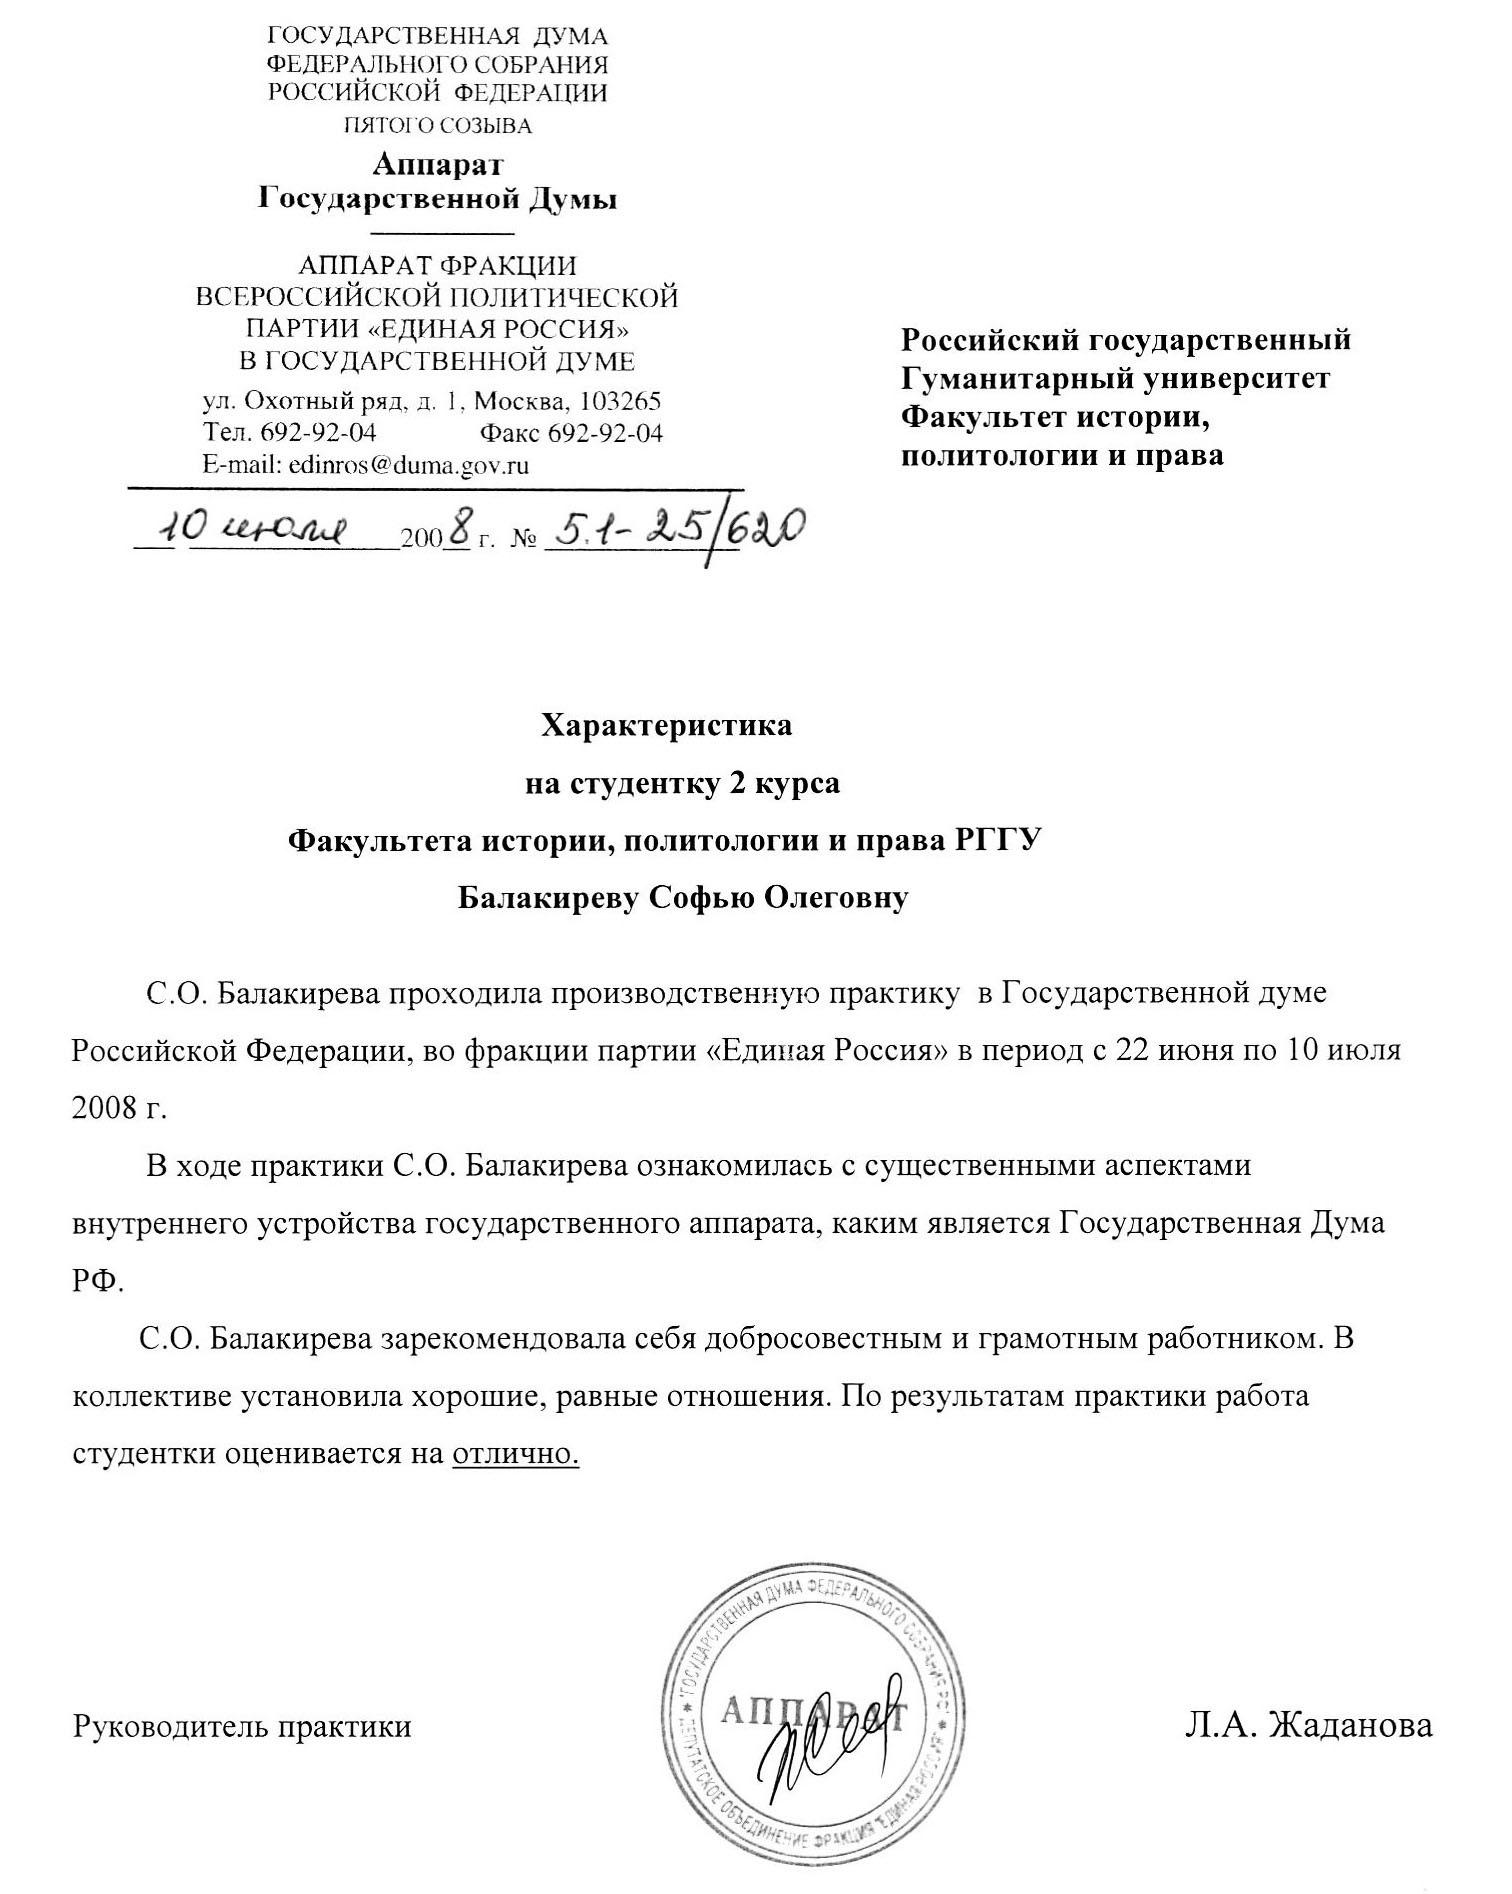 Отчет о практике образец журналиста nialofloorhumptetan s blog  отчет о практике образец журналиста